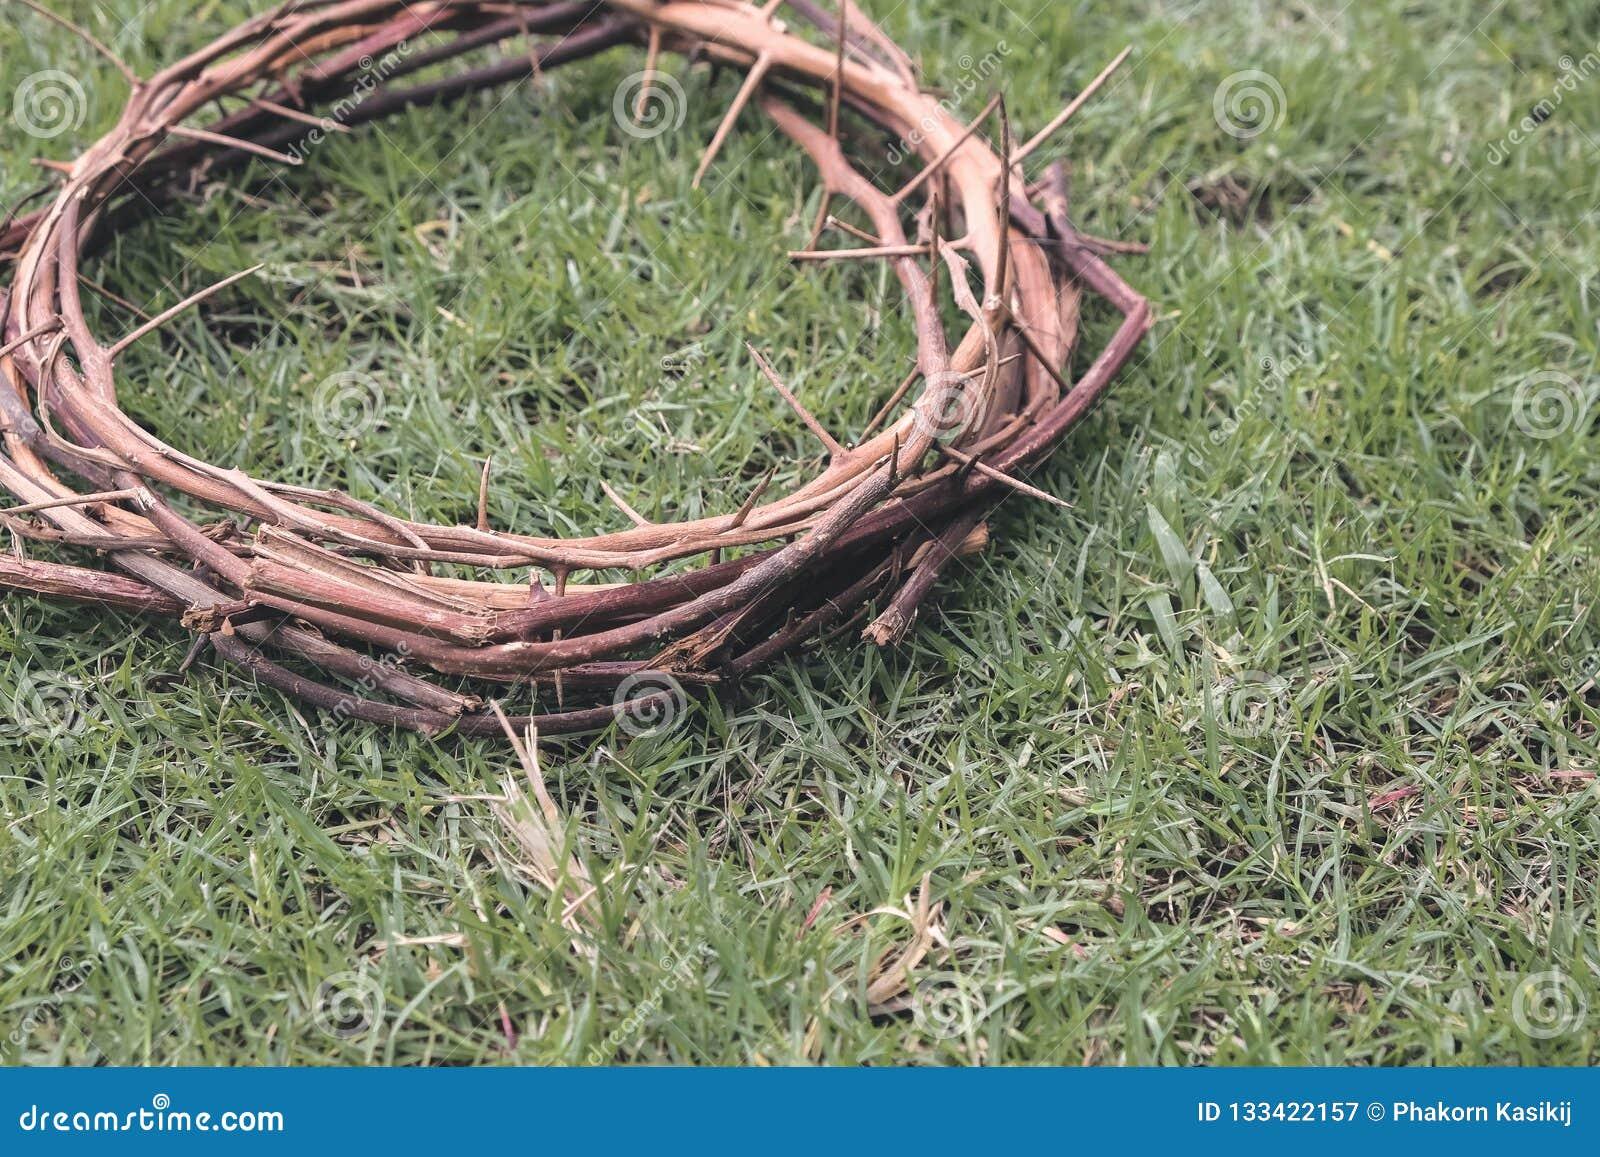 Тернии кроны Иисуса Христа на лужайке травы сада со спа экземпляра